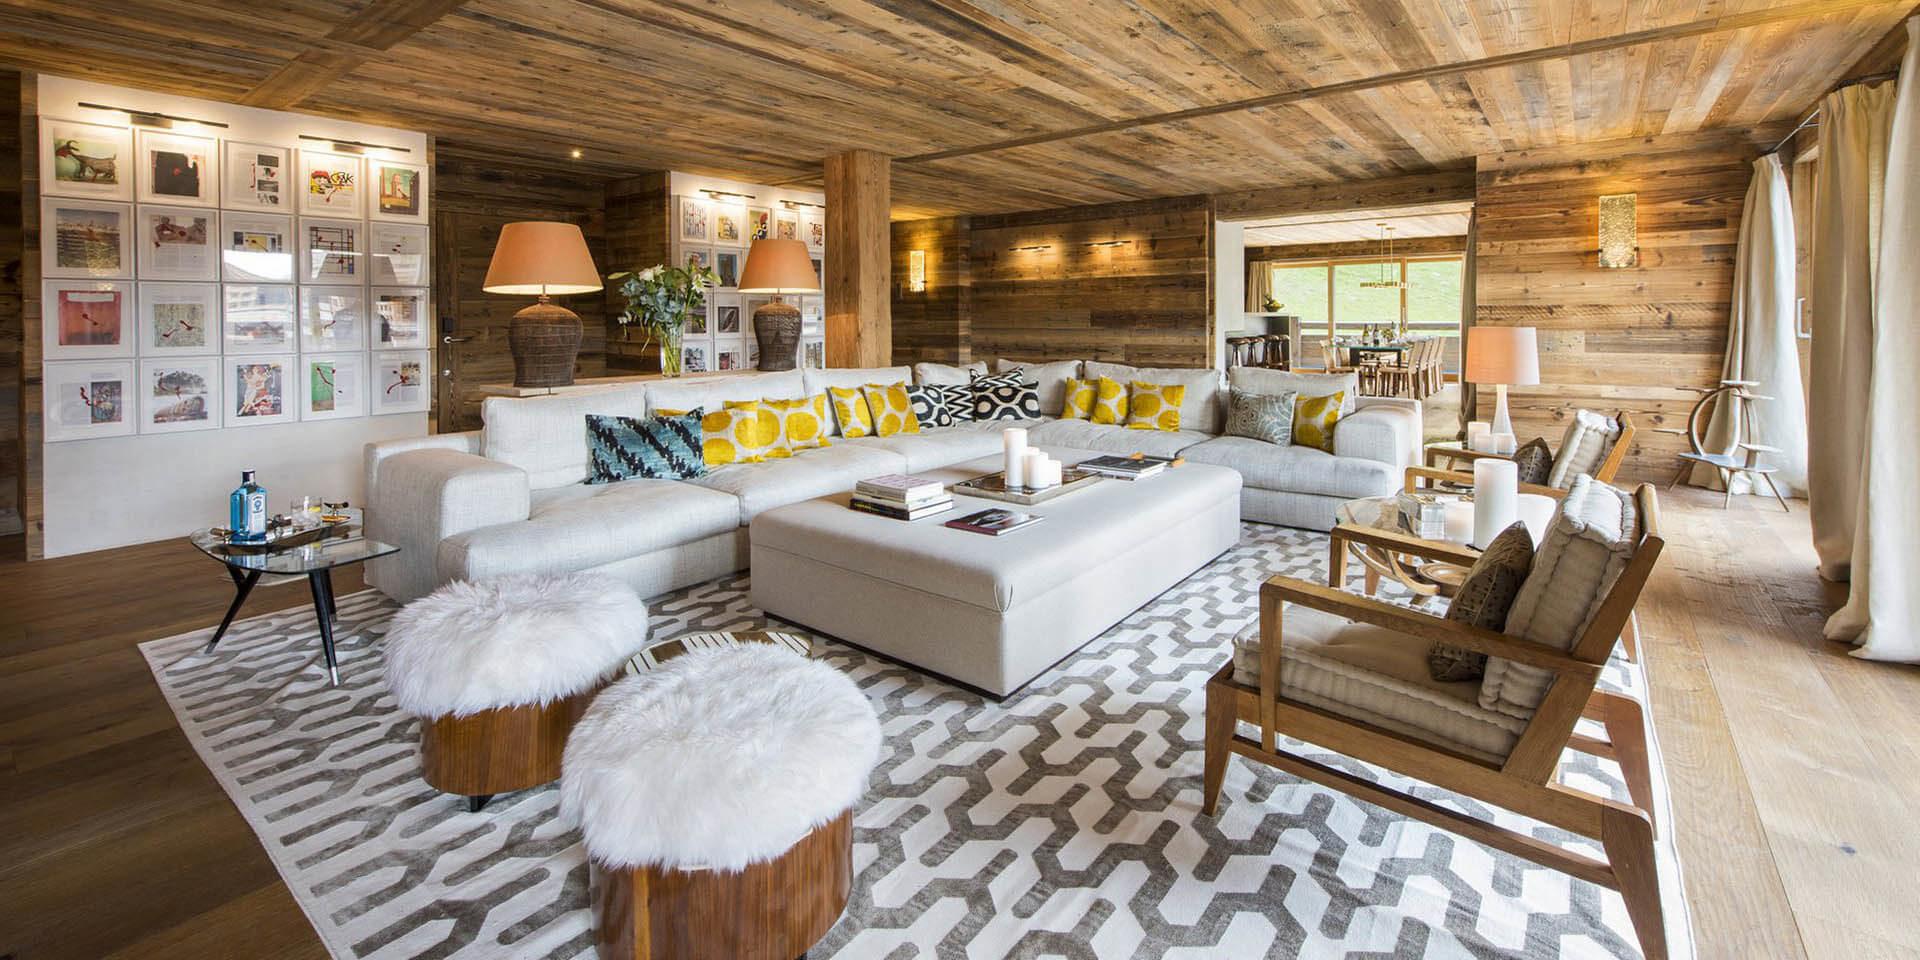 Appartement Place Blanche 1 Verbier Les 4 Vallees Zwitserland wintersport skivakantie luxe living hockers fauteuils loungebank vloerkleed kast lampen hout